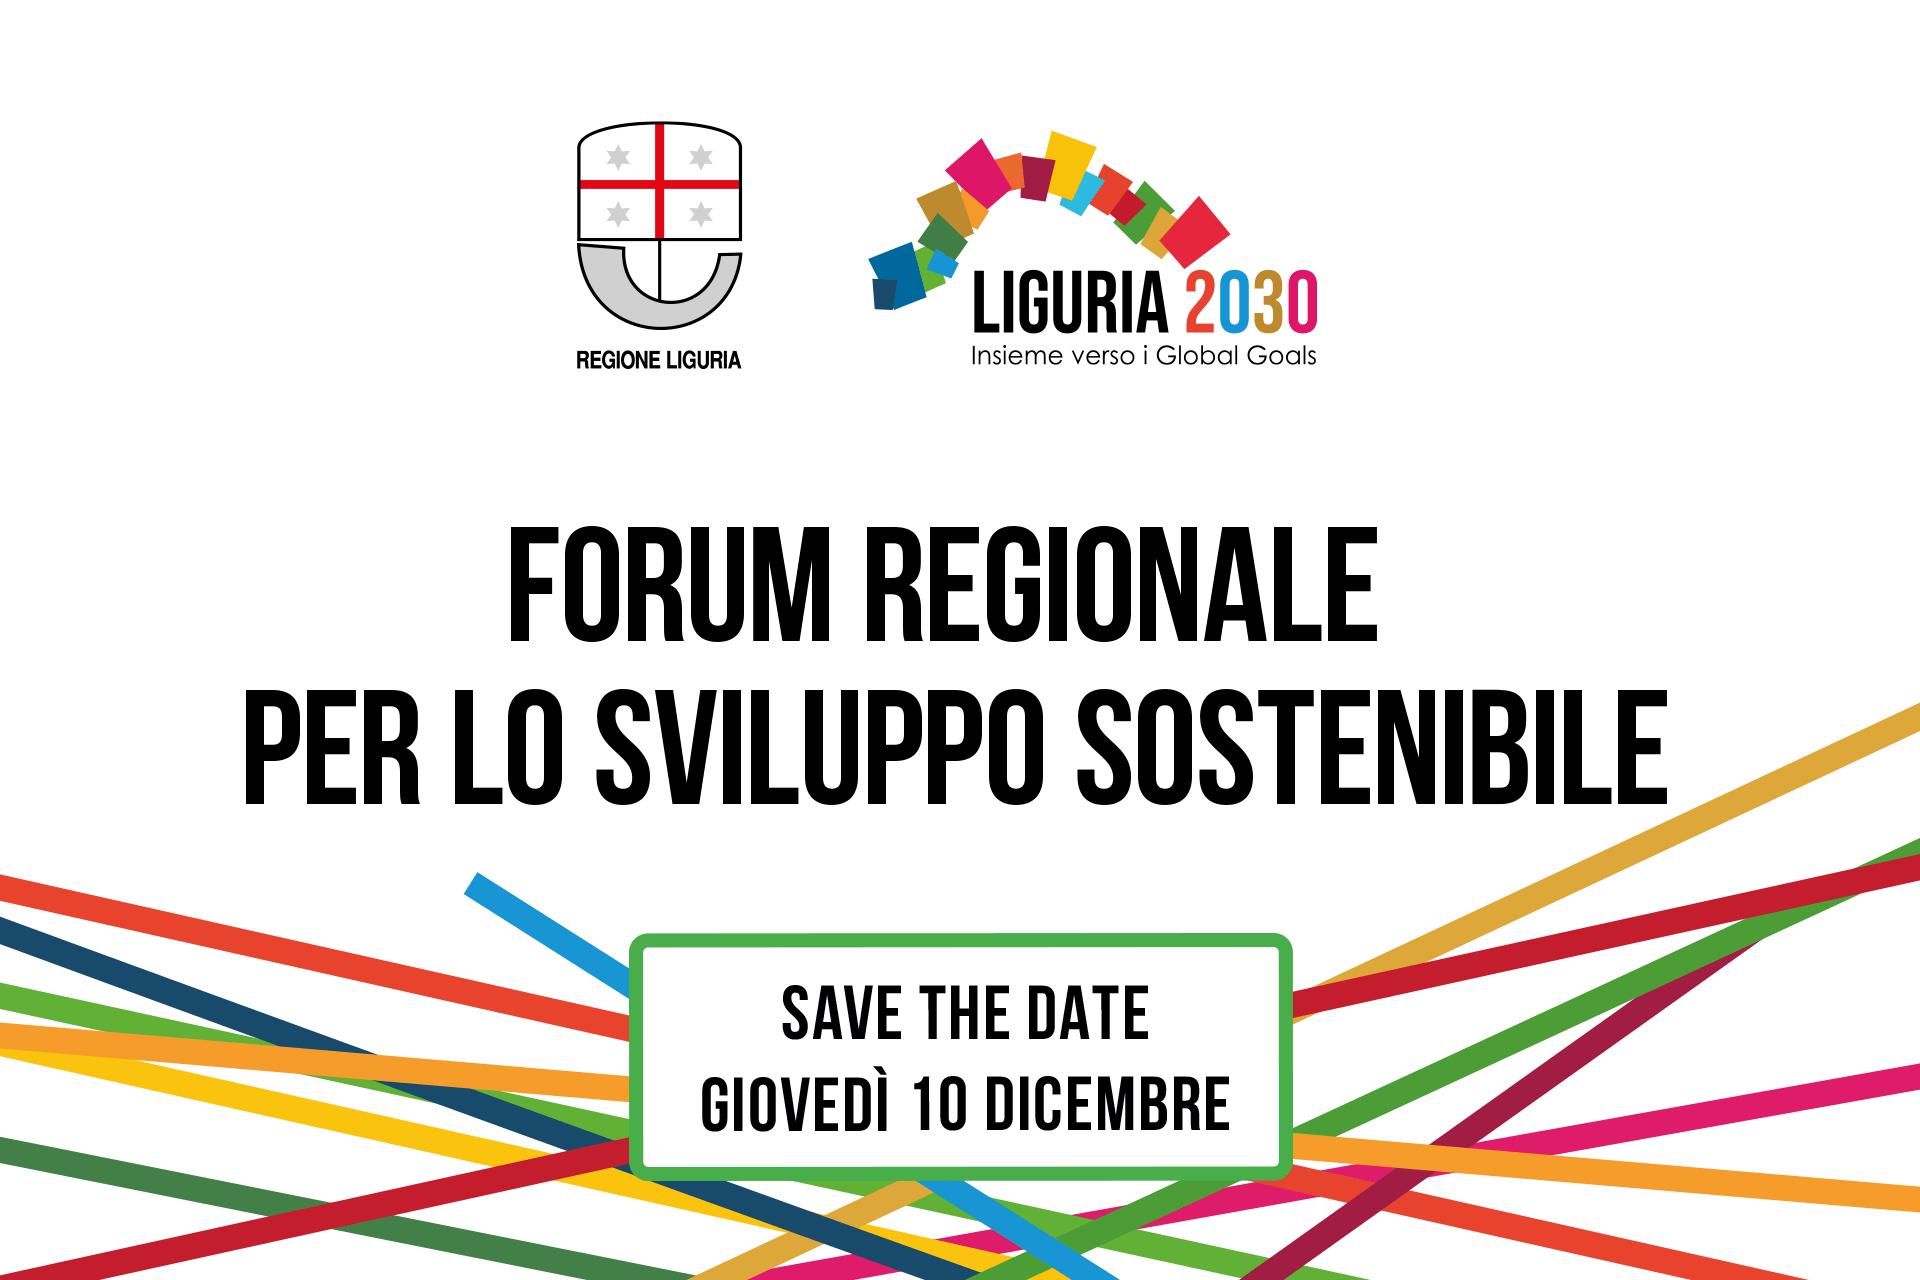 Forum regionale per lo sviluppo sostenibile